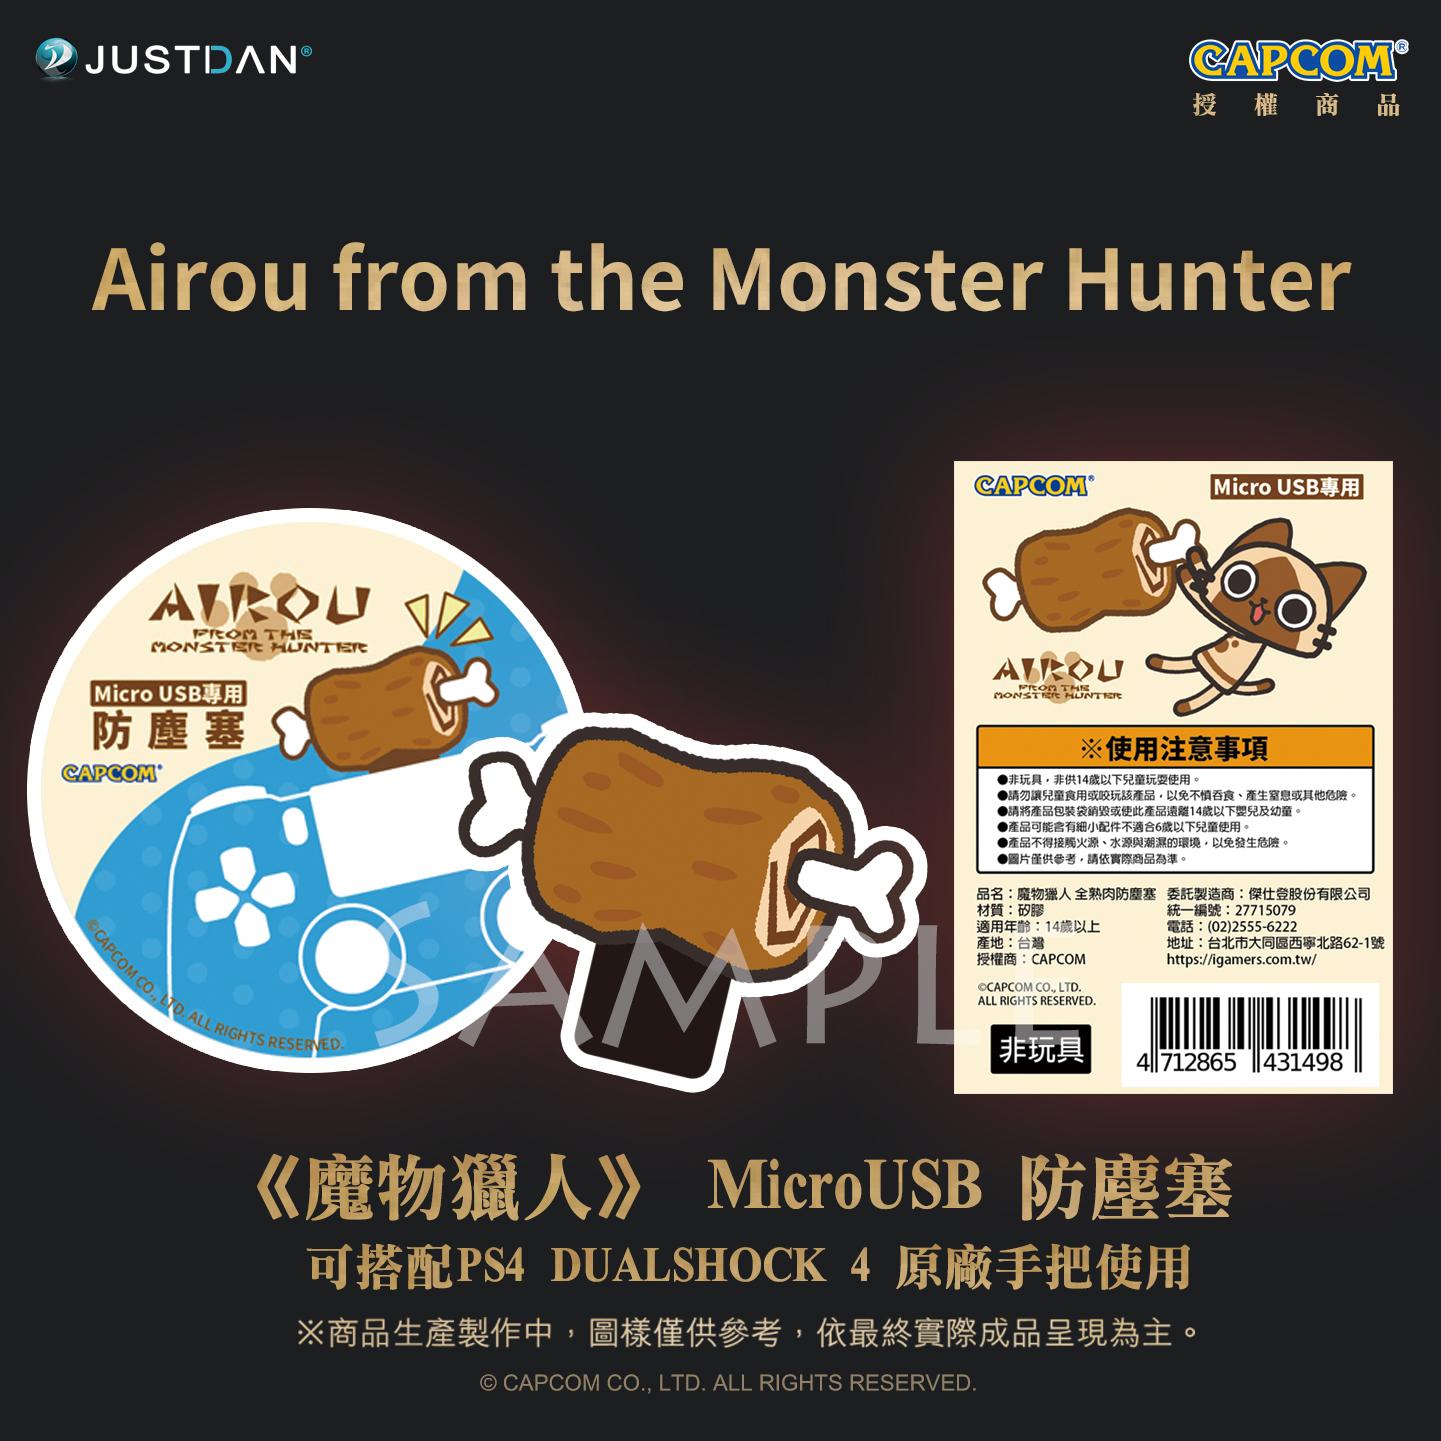 《魔物獵人 世界》/Airou from the Monster Hunter系列台灣獨家周邊,第一彈正式開放預購!將於12/24火熱上市 %25E9%25AD%2594%25E7%2589%25A9%25E7%258D%25B5%25E4%25BA%25BAMicroUSB%2B%25E9%2598%25B2%25E5%25A1%25B5%25E5%25A1%259E